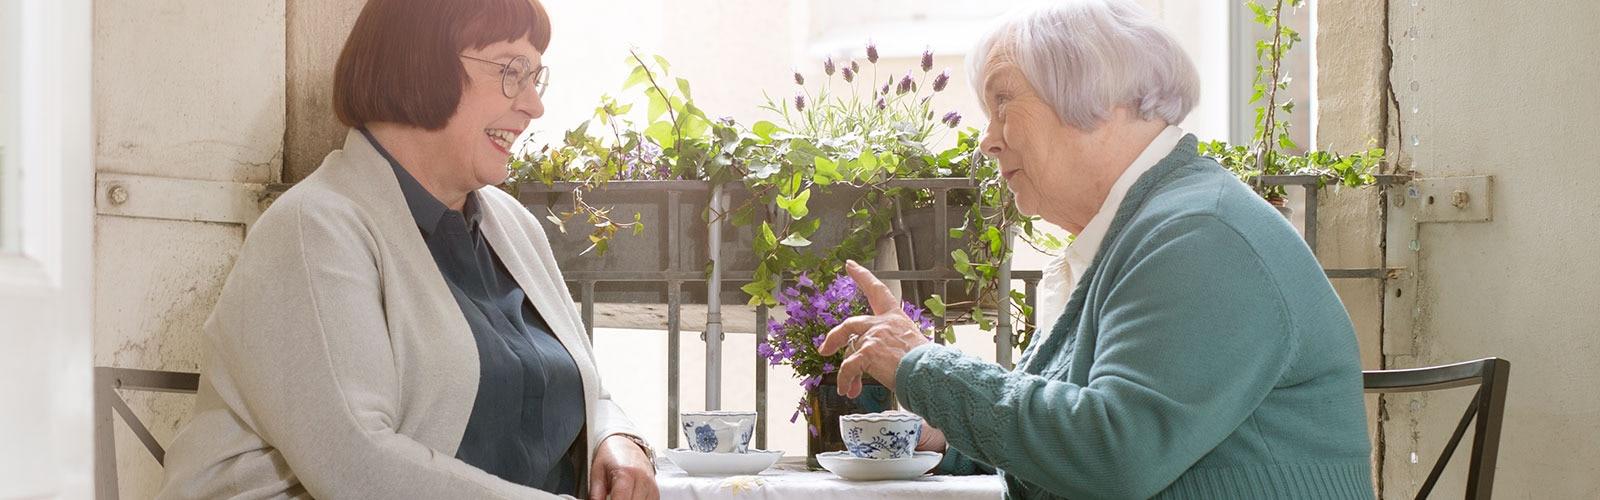 diabetes hur ofta kissar mandalay